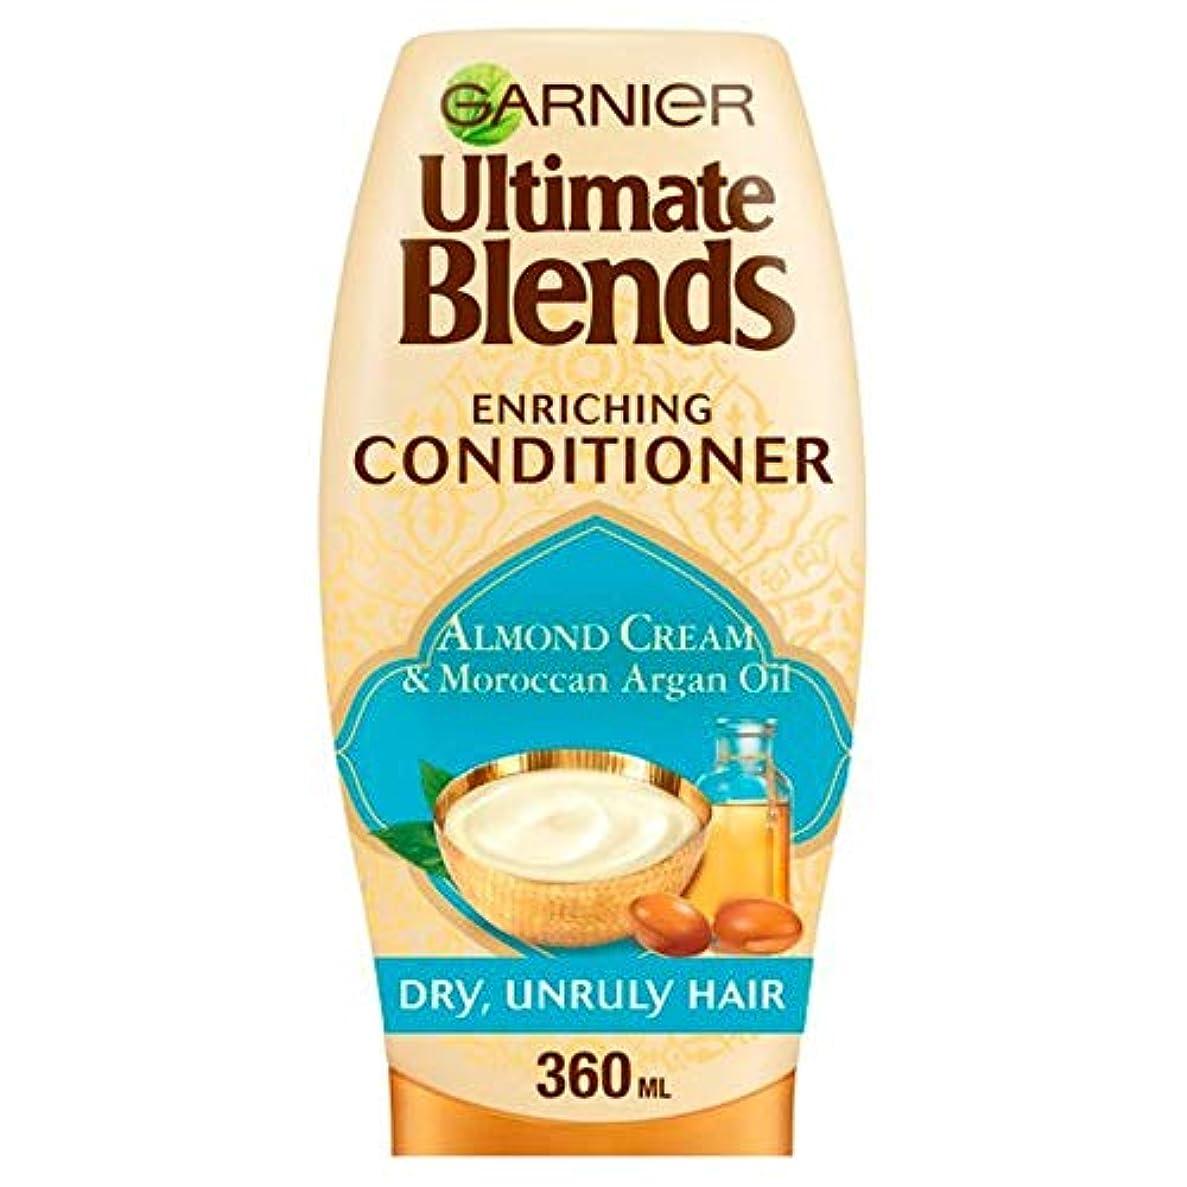 代数的楕円形高さ[Garnier ] Ga/究極ブレンドのArg/油及びアーモンドDr / Hrでコンディショナー360ミリリットルRを - Ga/R Ultimate Blends Arg/Oil And Almond Dr/Hr Conditioner...